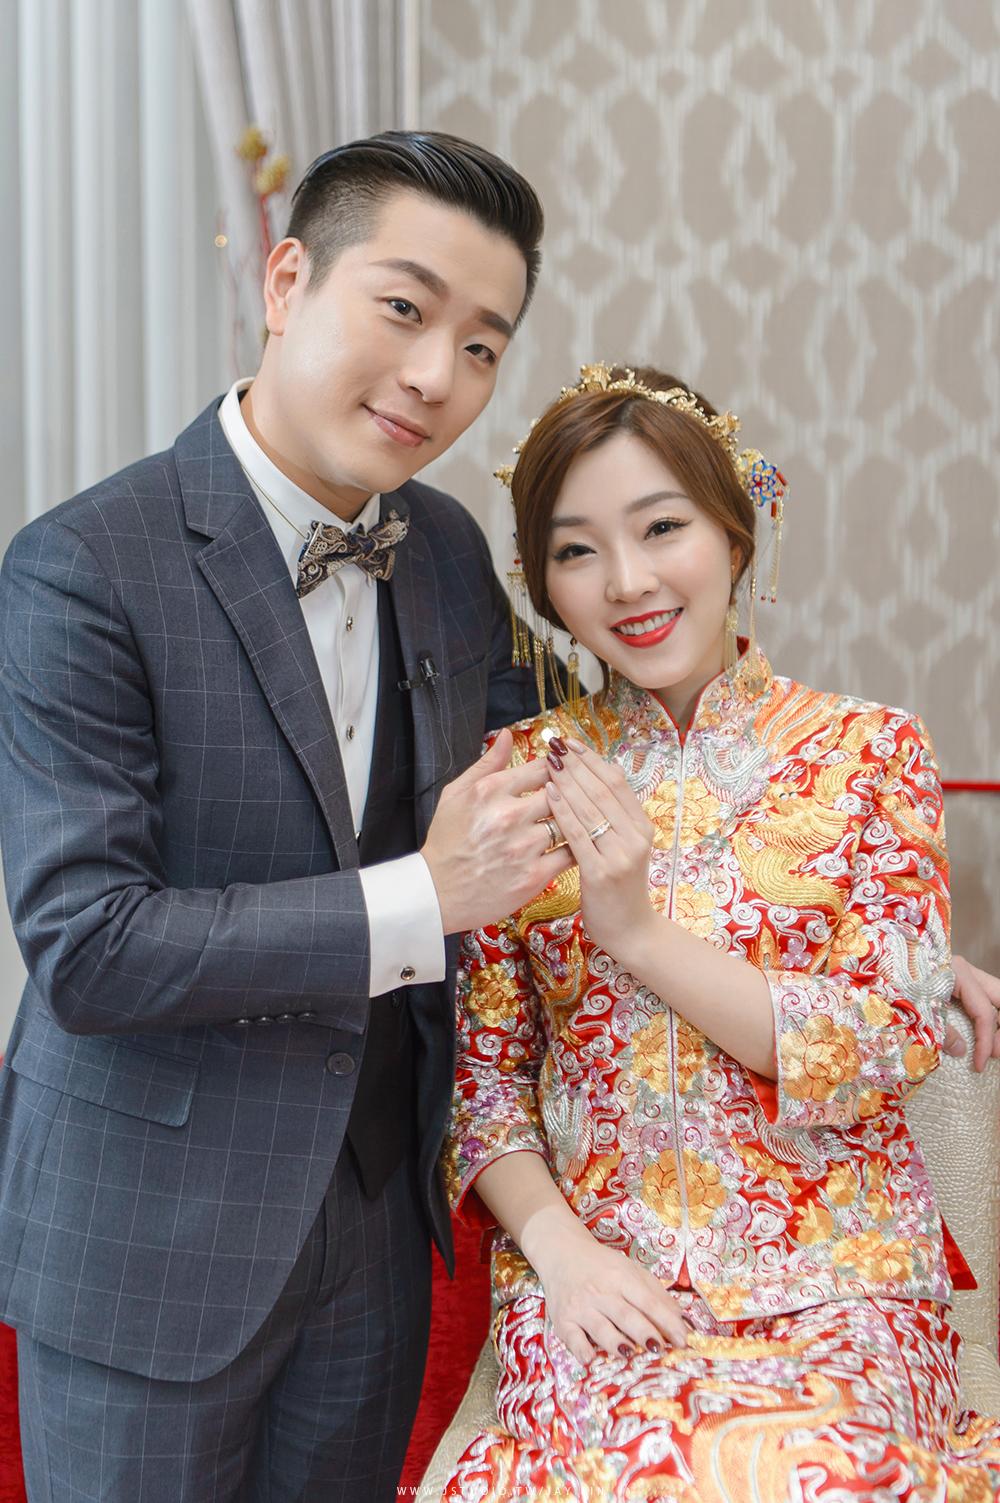 婚攝 台北婚攝 婚禮紀錄 推薦婚攝 美福大飯店JSTUDIO_0043